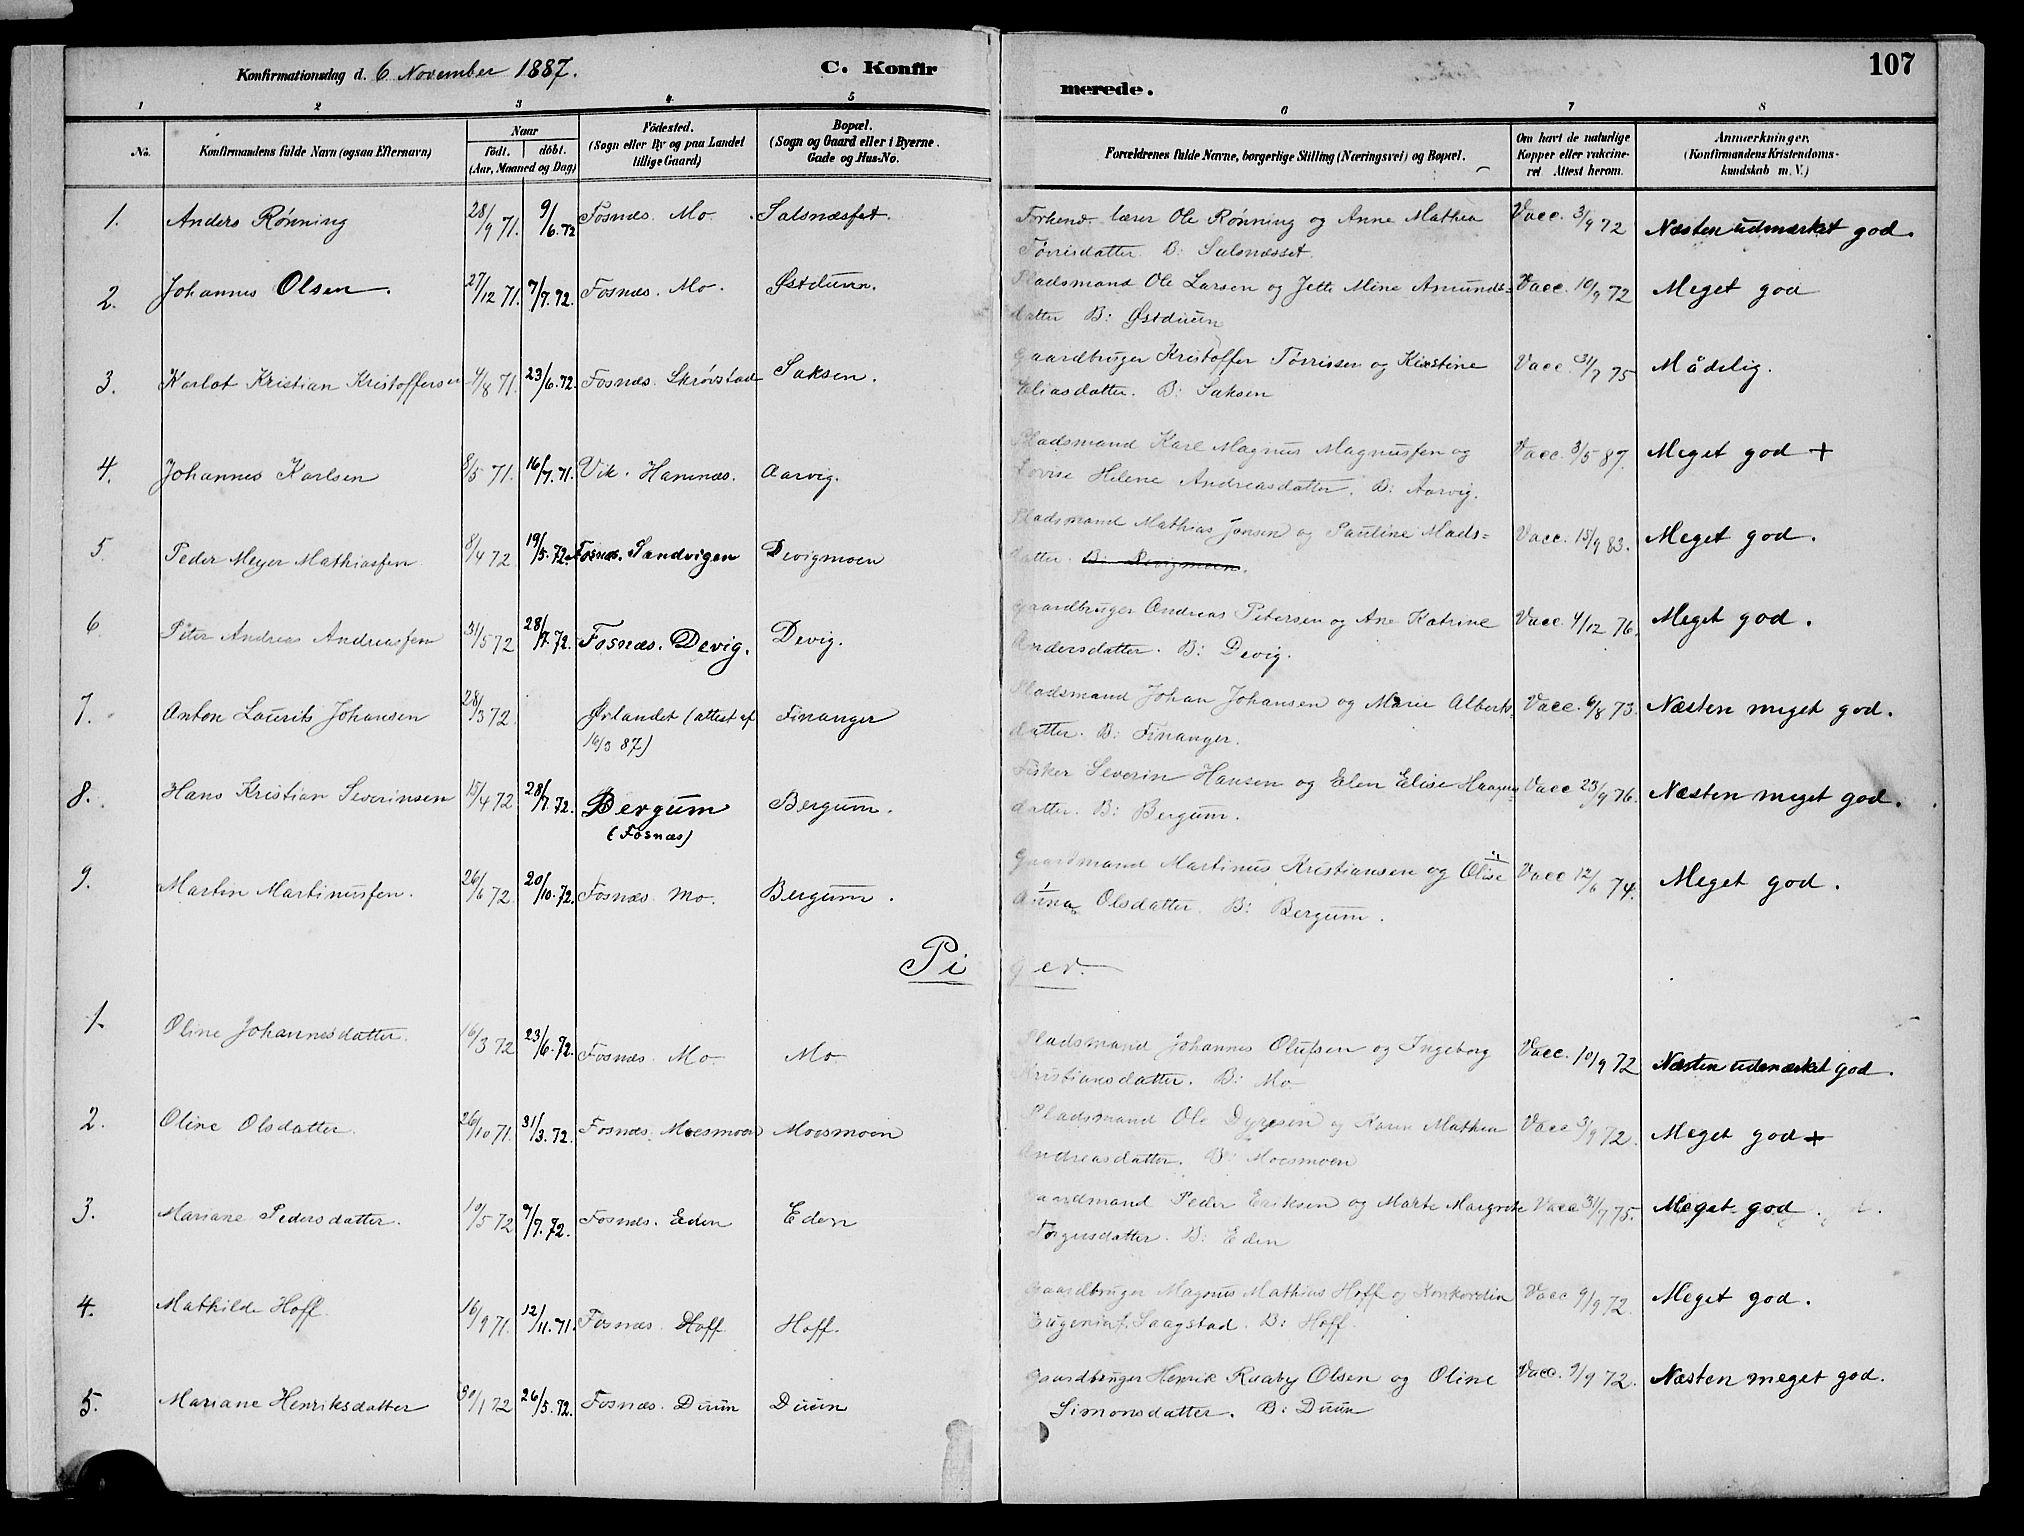 SAT, Ministerialprotokoller, klokkerbøker og fødselsregistre - Nord-Trøndelag, 773/L0617: Ministerialbok nr. 773A08, 1887-1910, s. 107